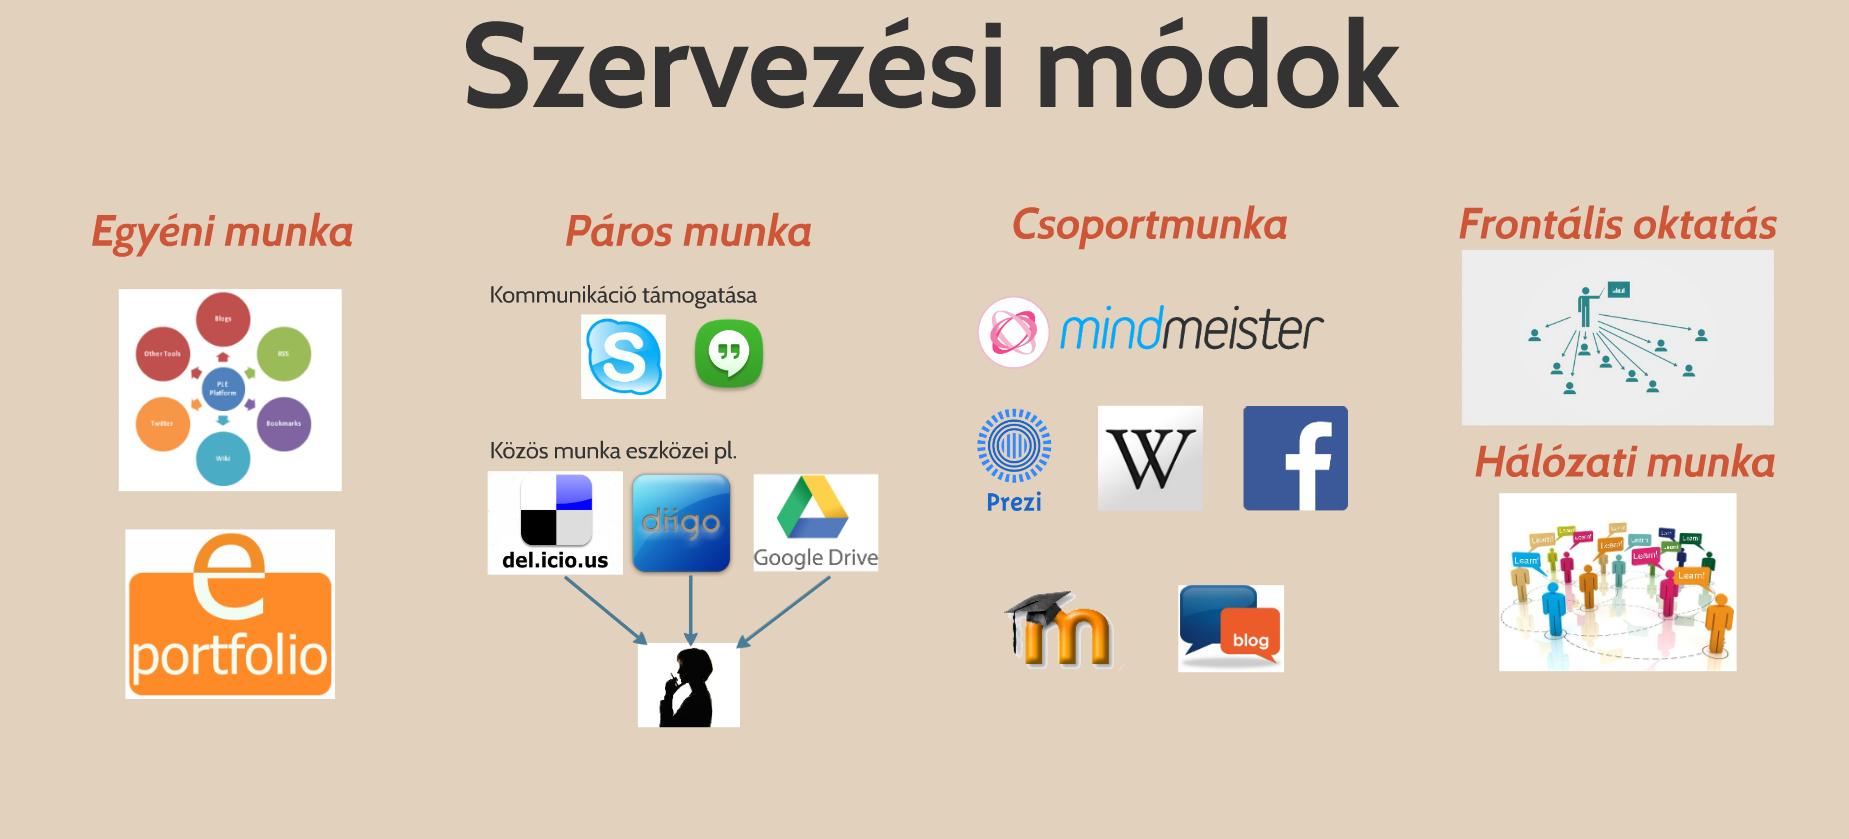 szervezesi_modok.png